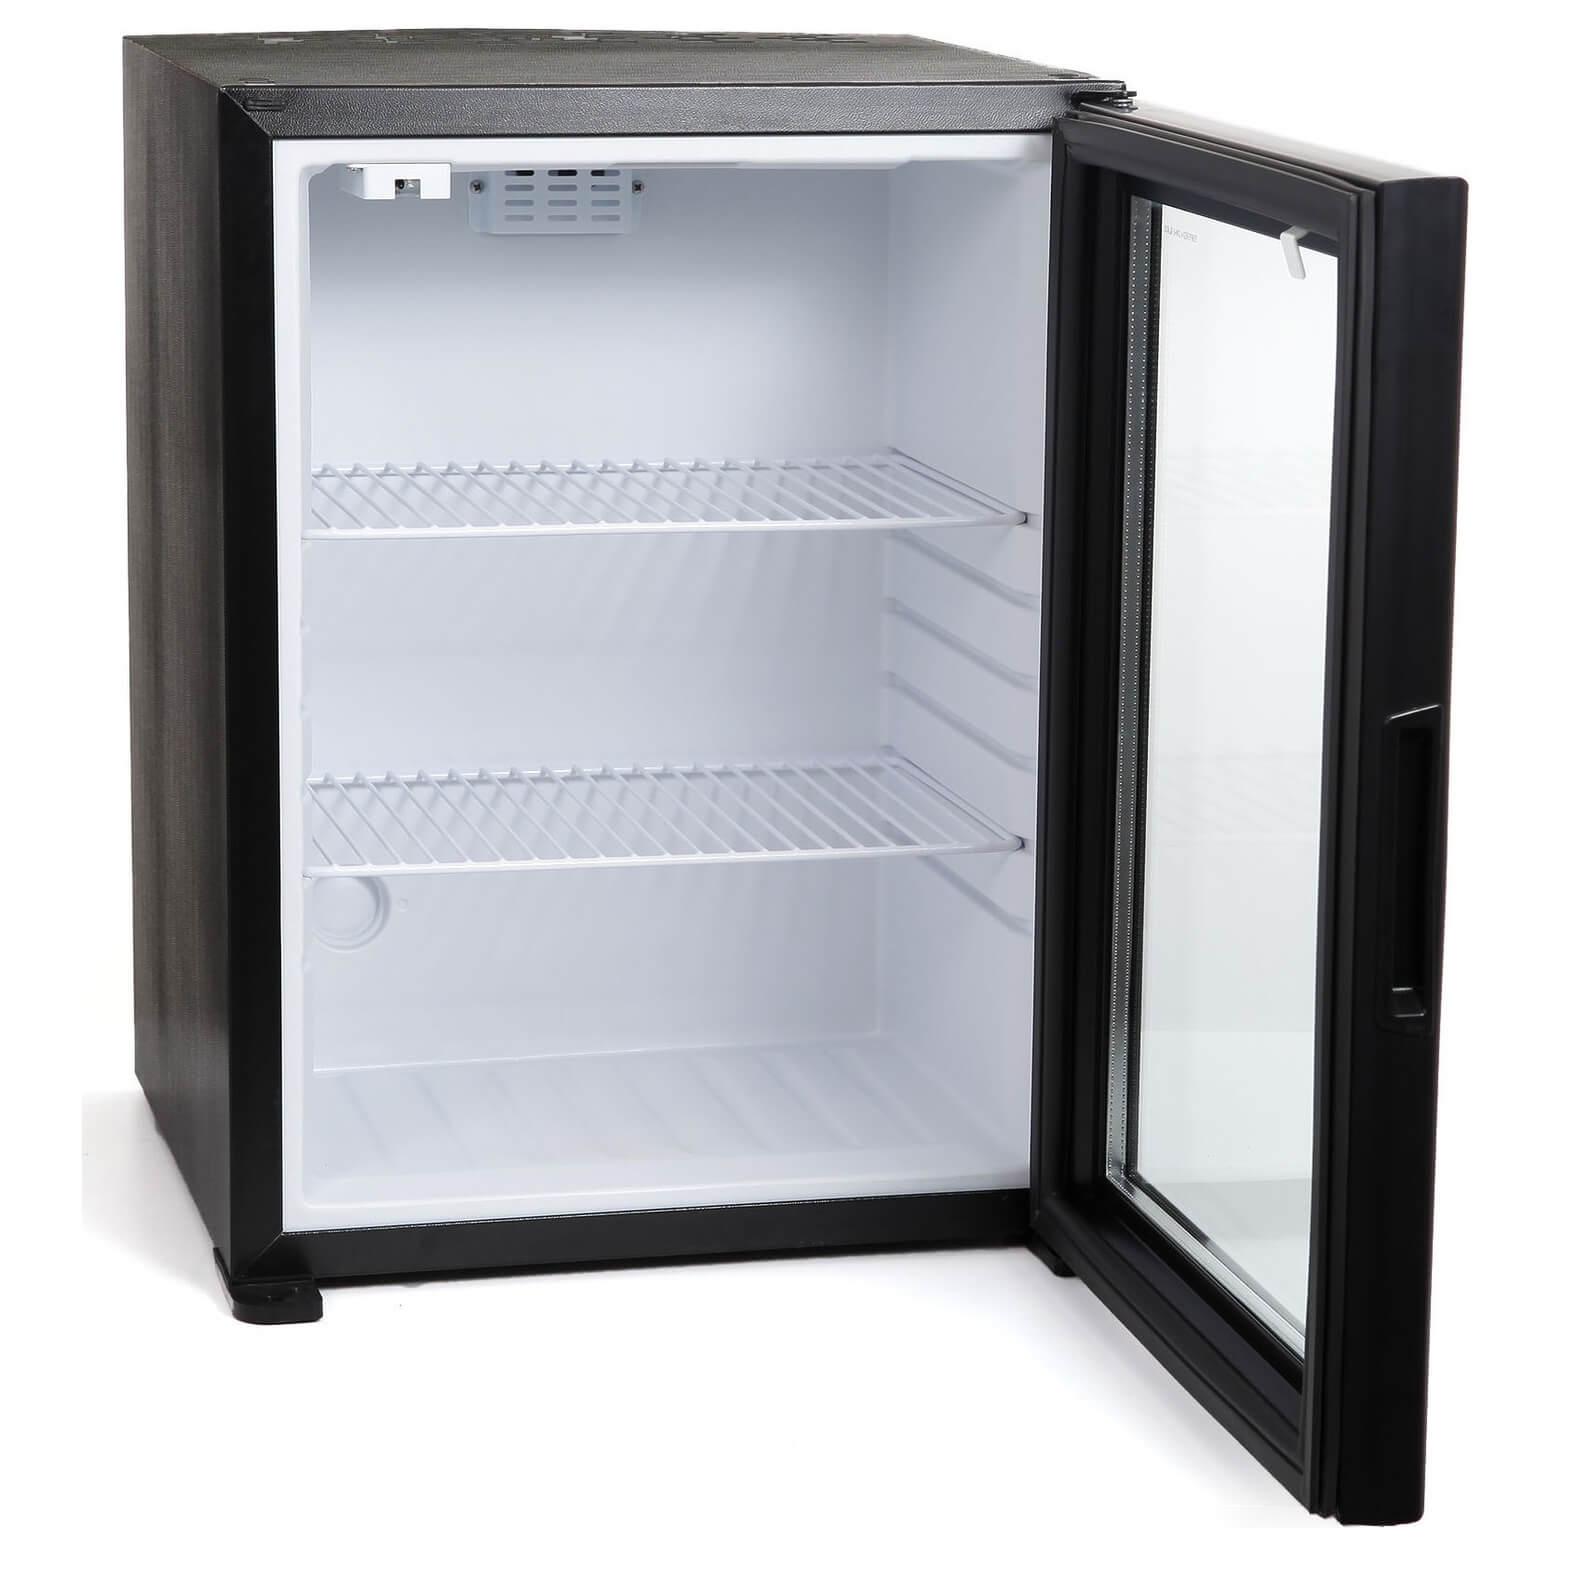 Kleo KMB45CG buzdolabi